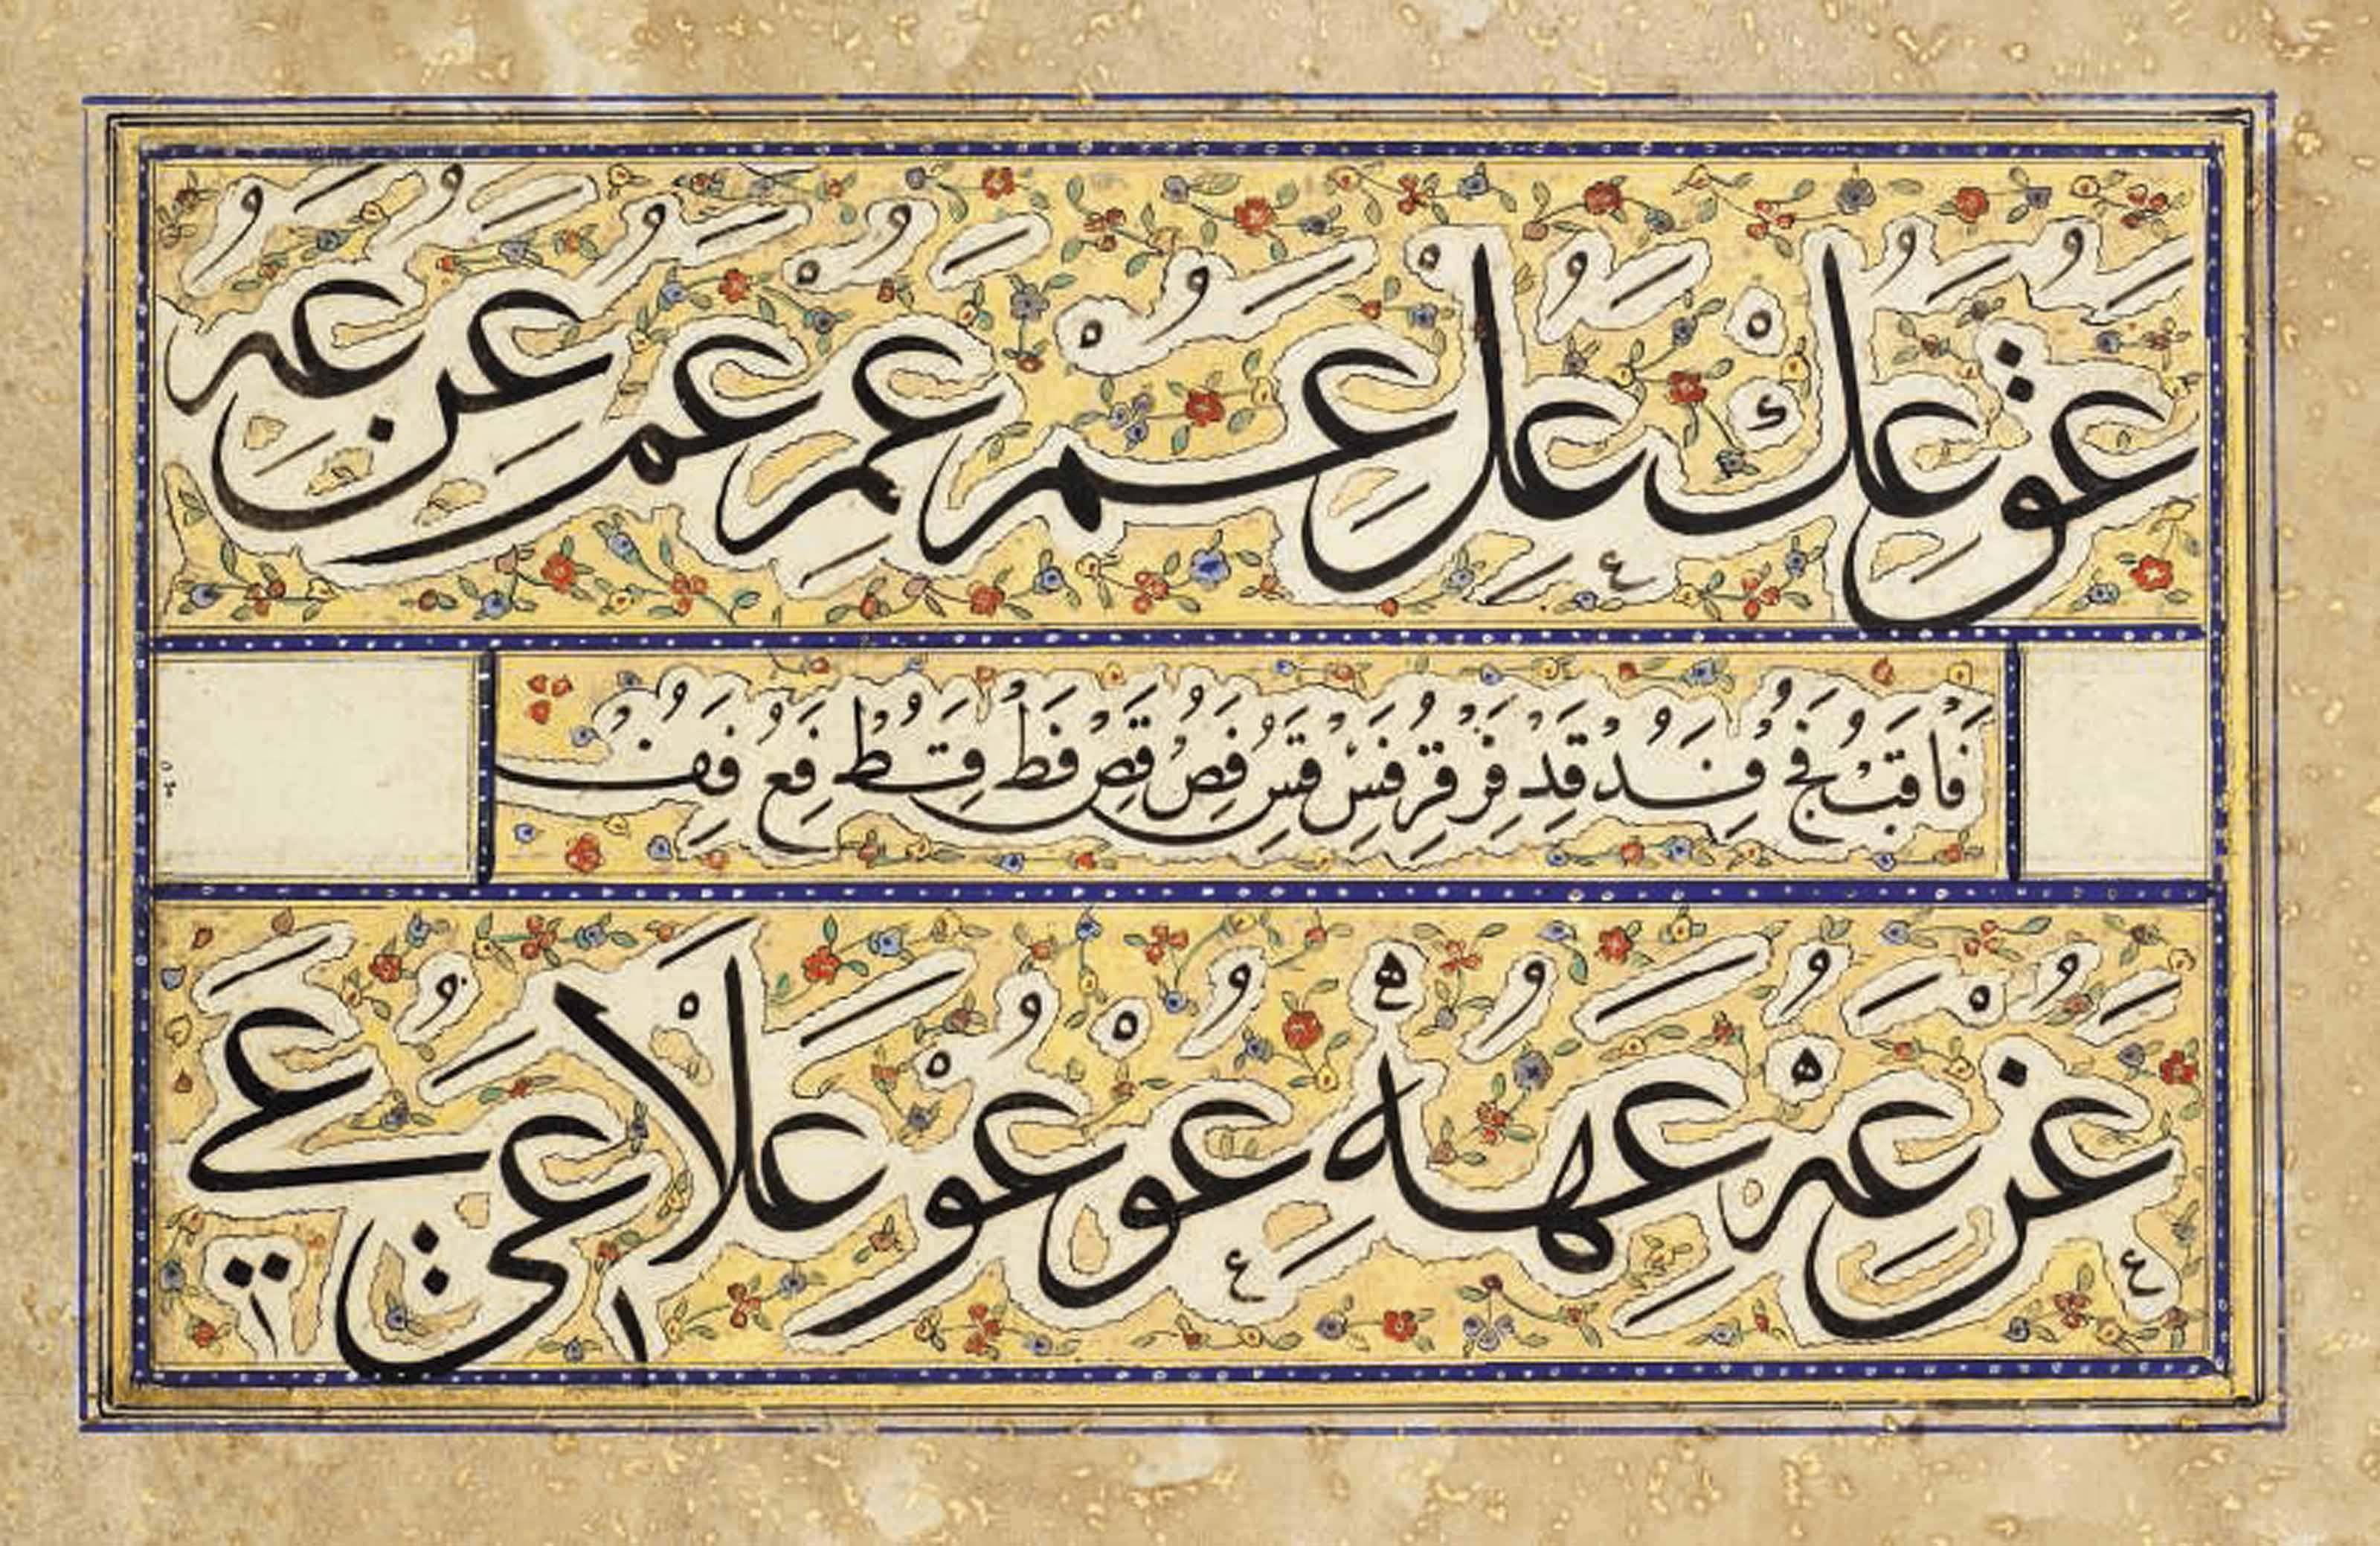 THE ARABIC ALPHABET EXECUTED I